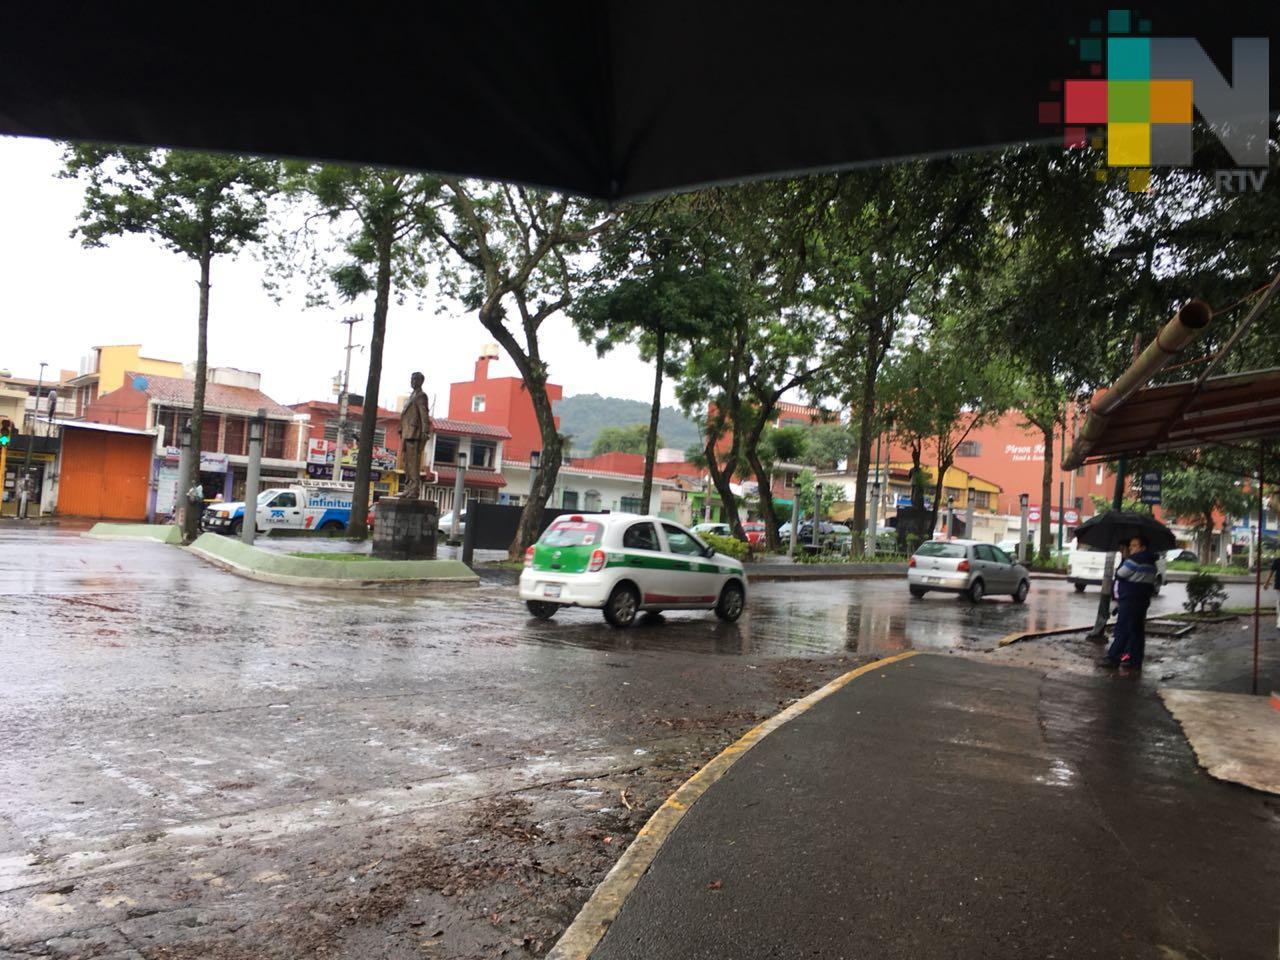 Ambiente caluroso en Huasteca, se esperan lluvia en región montañosa